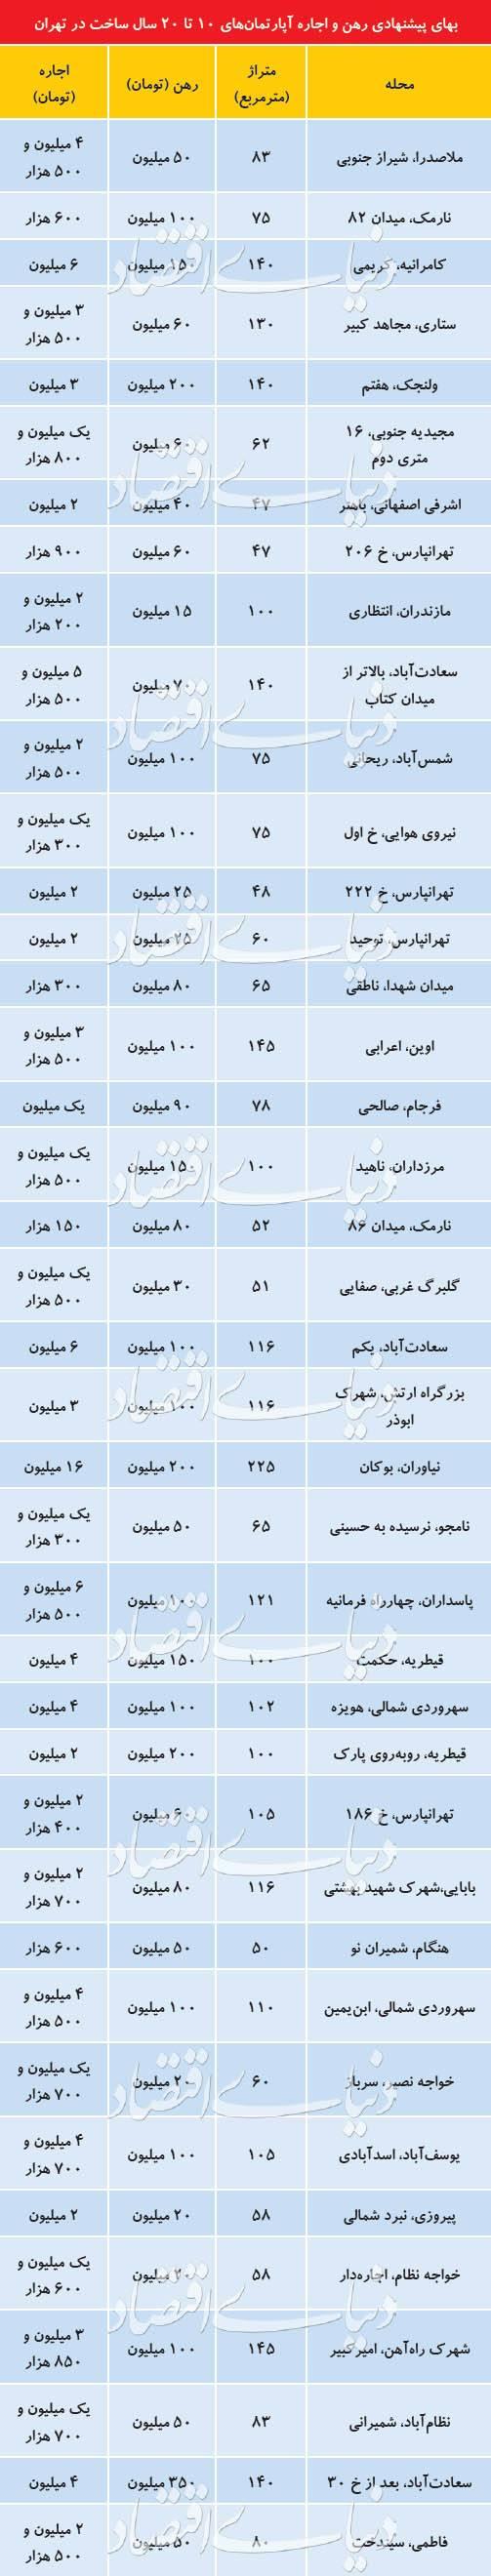 قیمت آپارتمان در بازار اجاره تهران,اخبار اقتصادی,خبرهای اقتصادی,مسکن و عمران